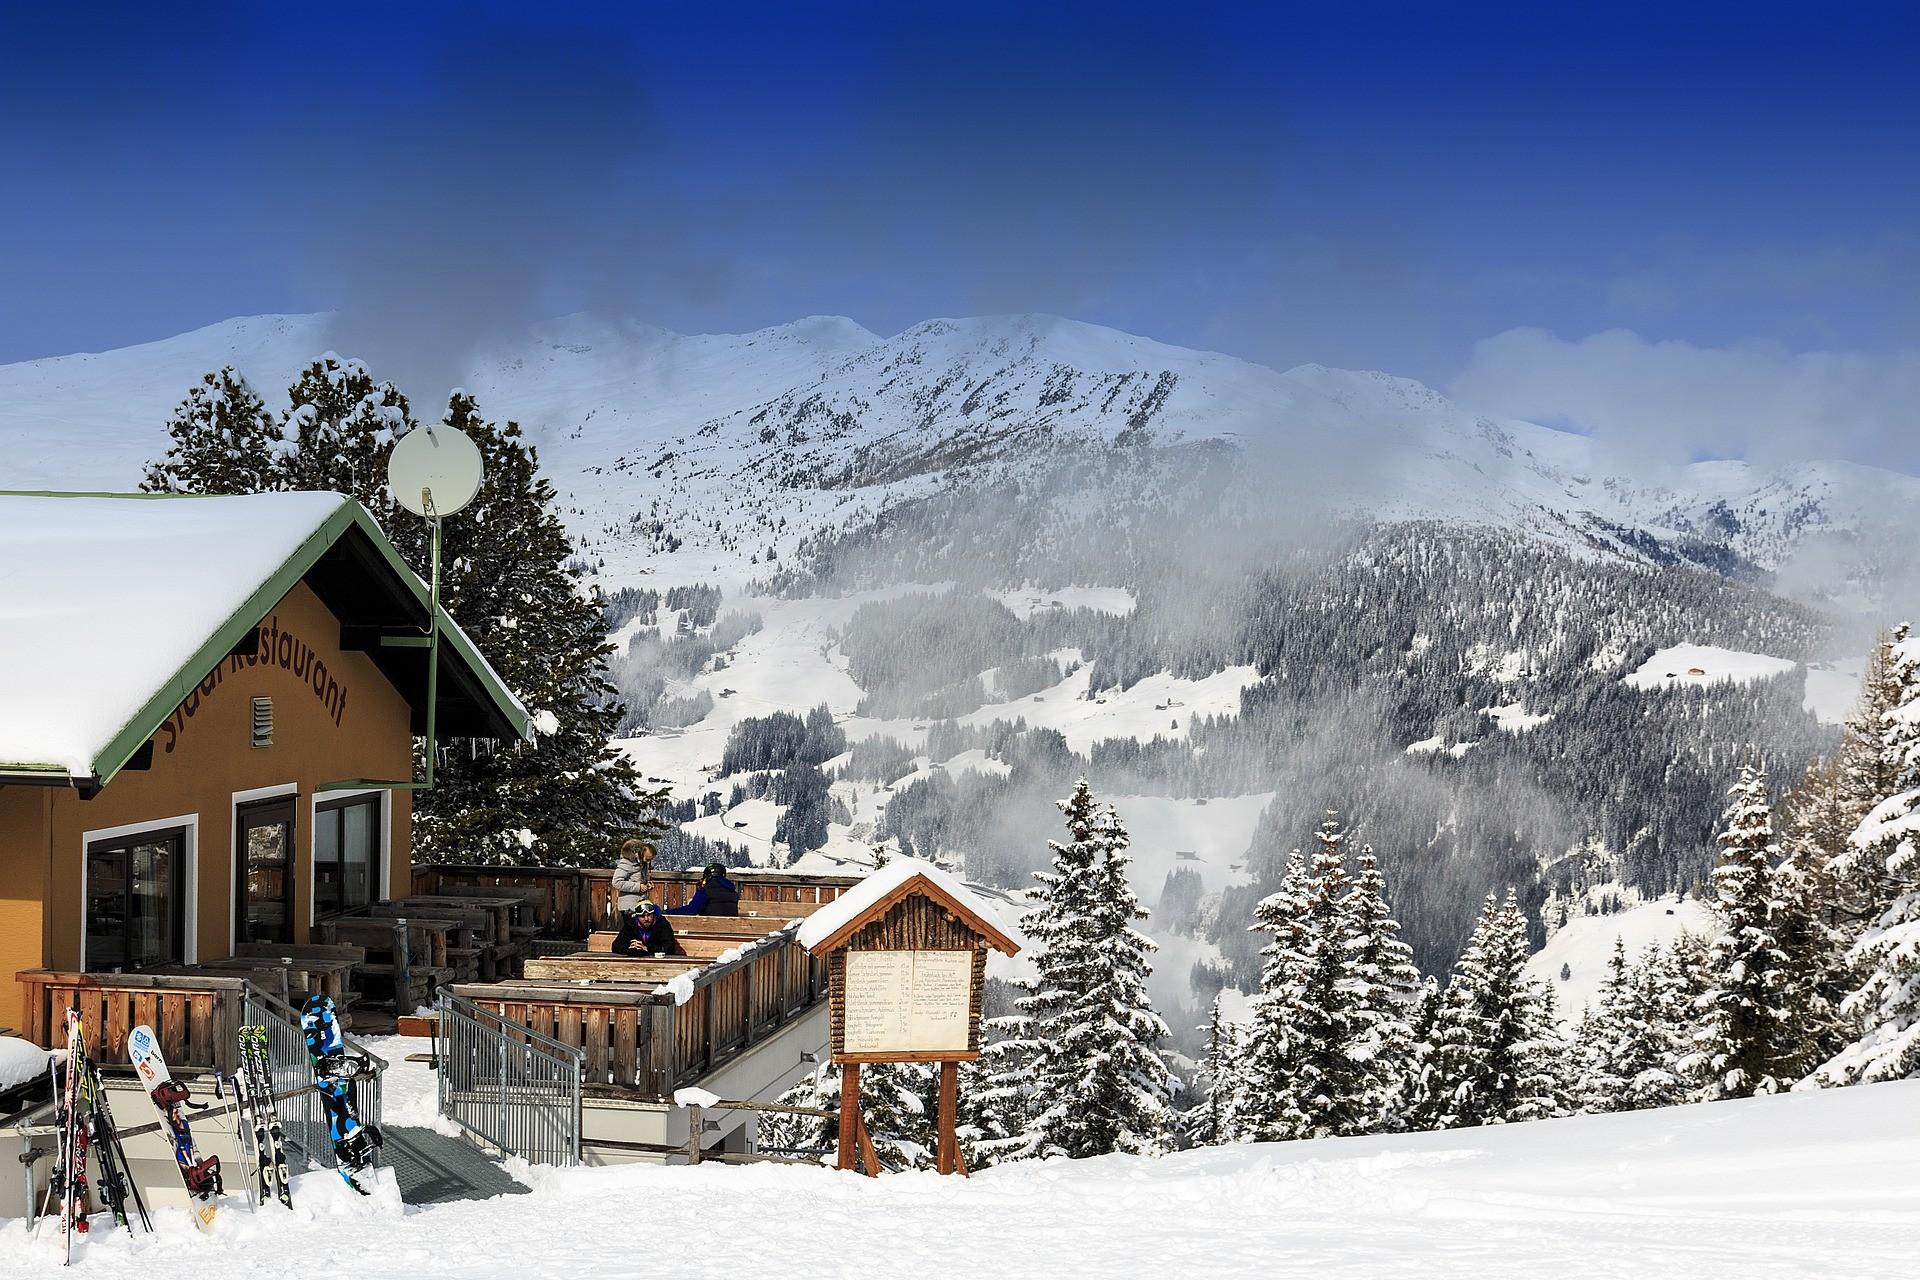 Mayrhofen Restaurant op de piste in de sneeuw